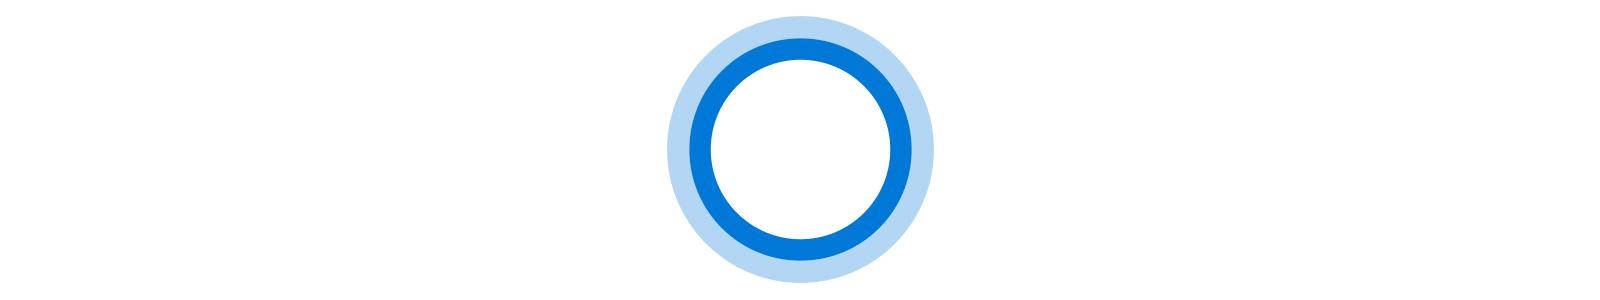 Icône animée Cortana